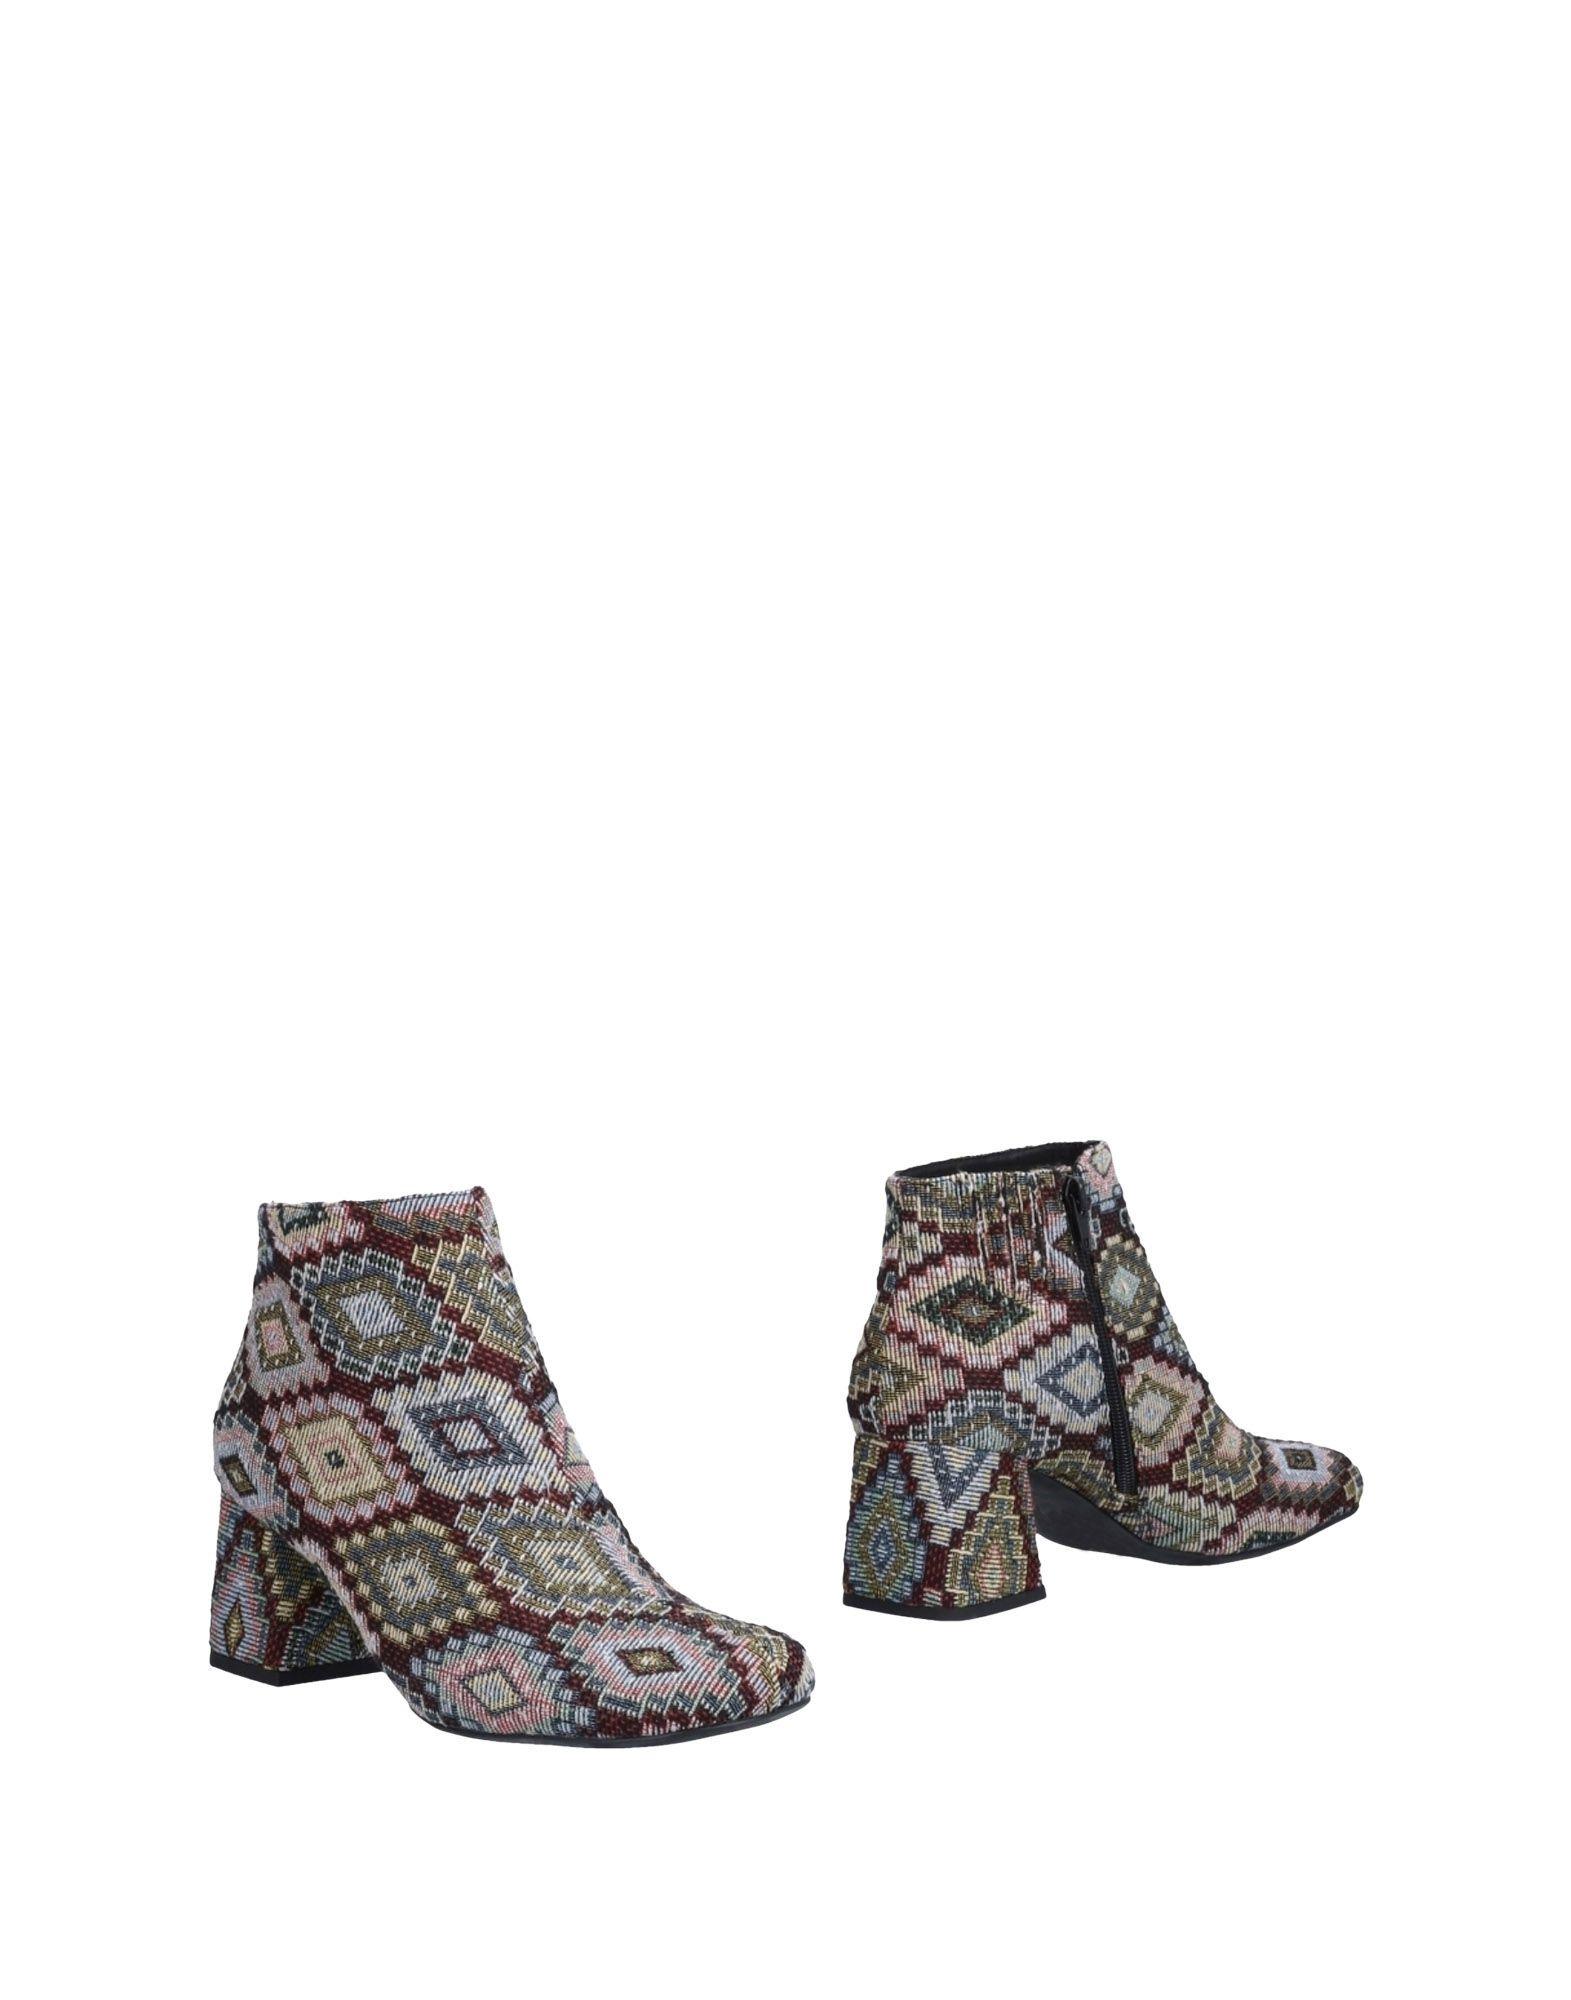 Jeffrey Campbell Stiefelette Damen  11490655NM Gute Qualität beliebte Schuhe